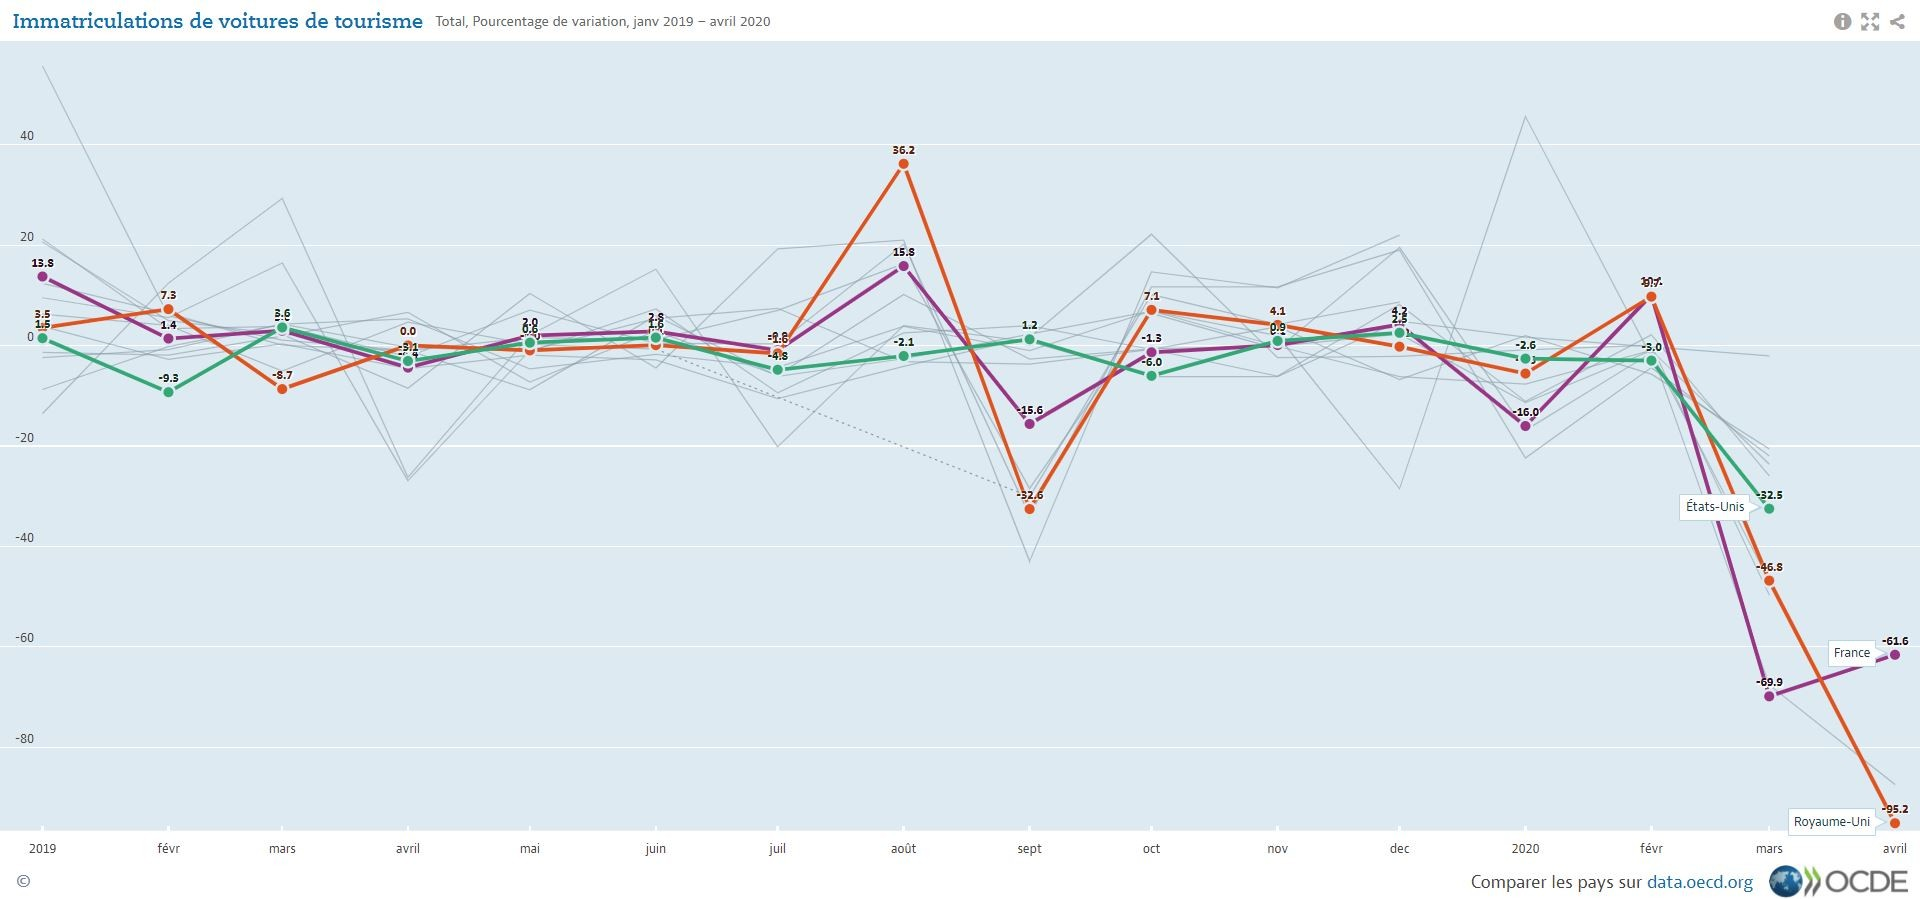 Les immatriculations de voitures particulières sont en baisse, mais pour combien de temps ?